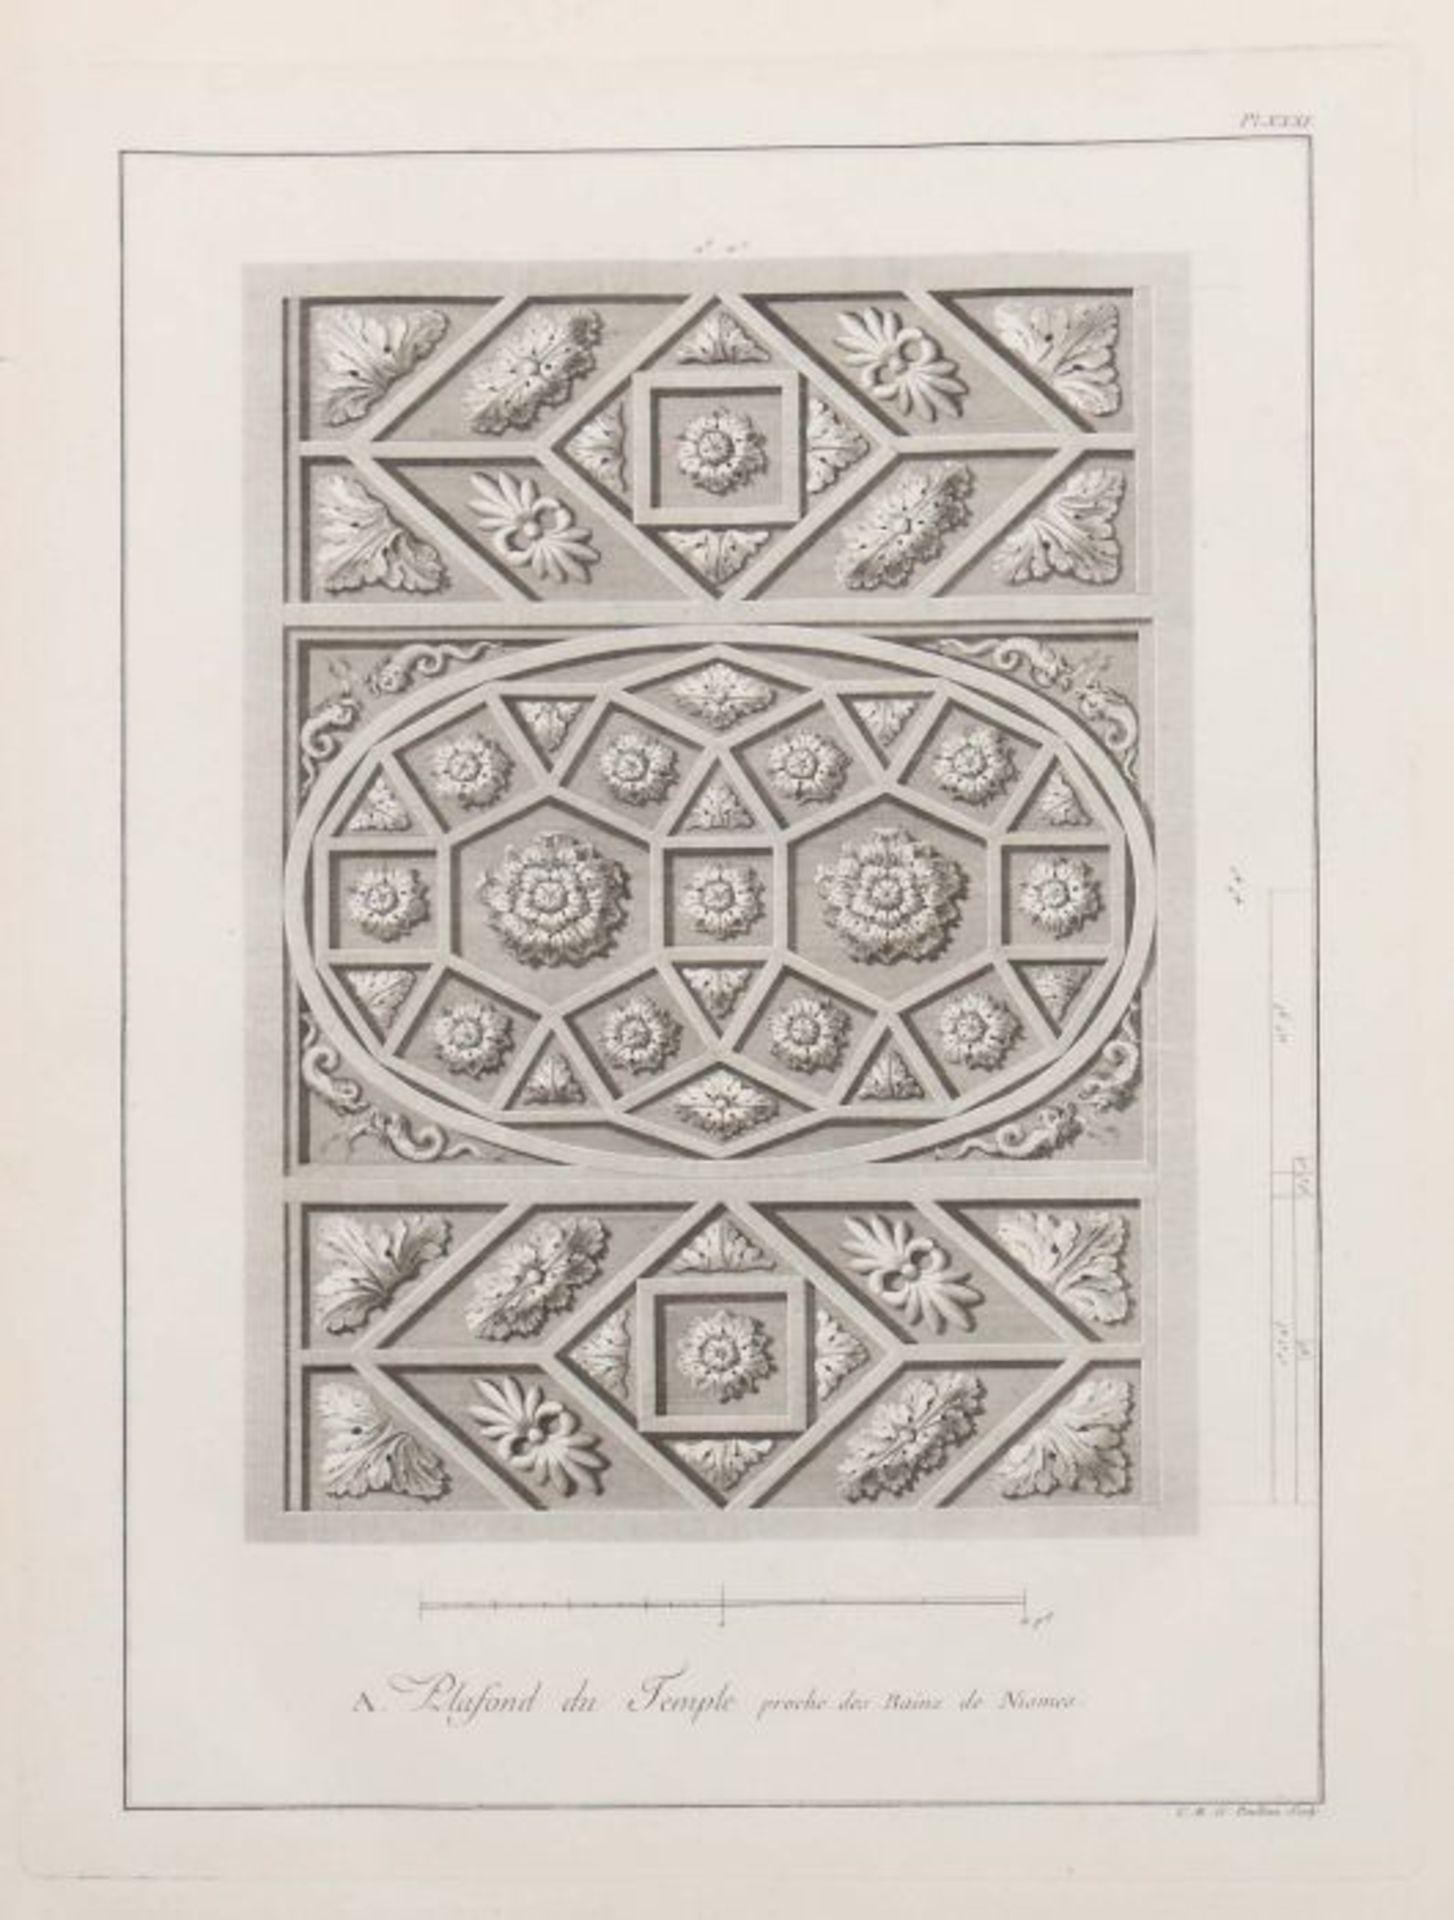 Clérisseau, Charles-Louis Antiquités de la France - Monumens de Nismes, Pierres, Paris, 1778, - Bild 9 aus 11